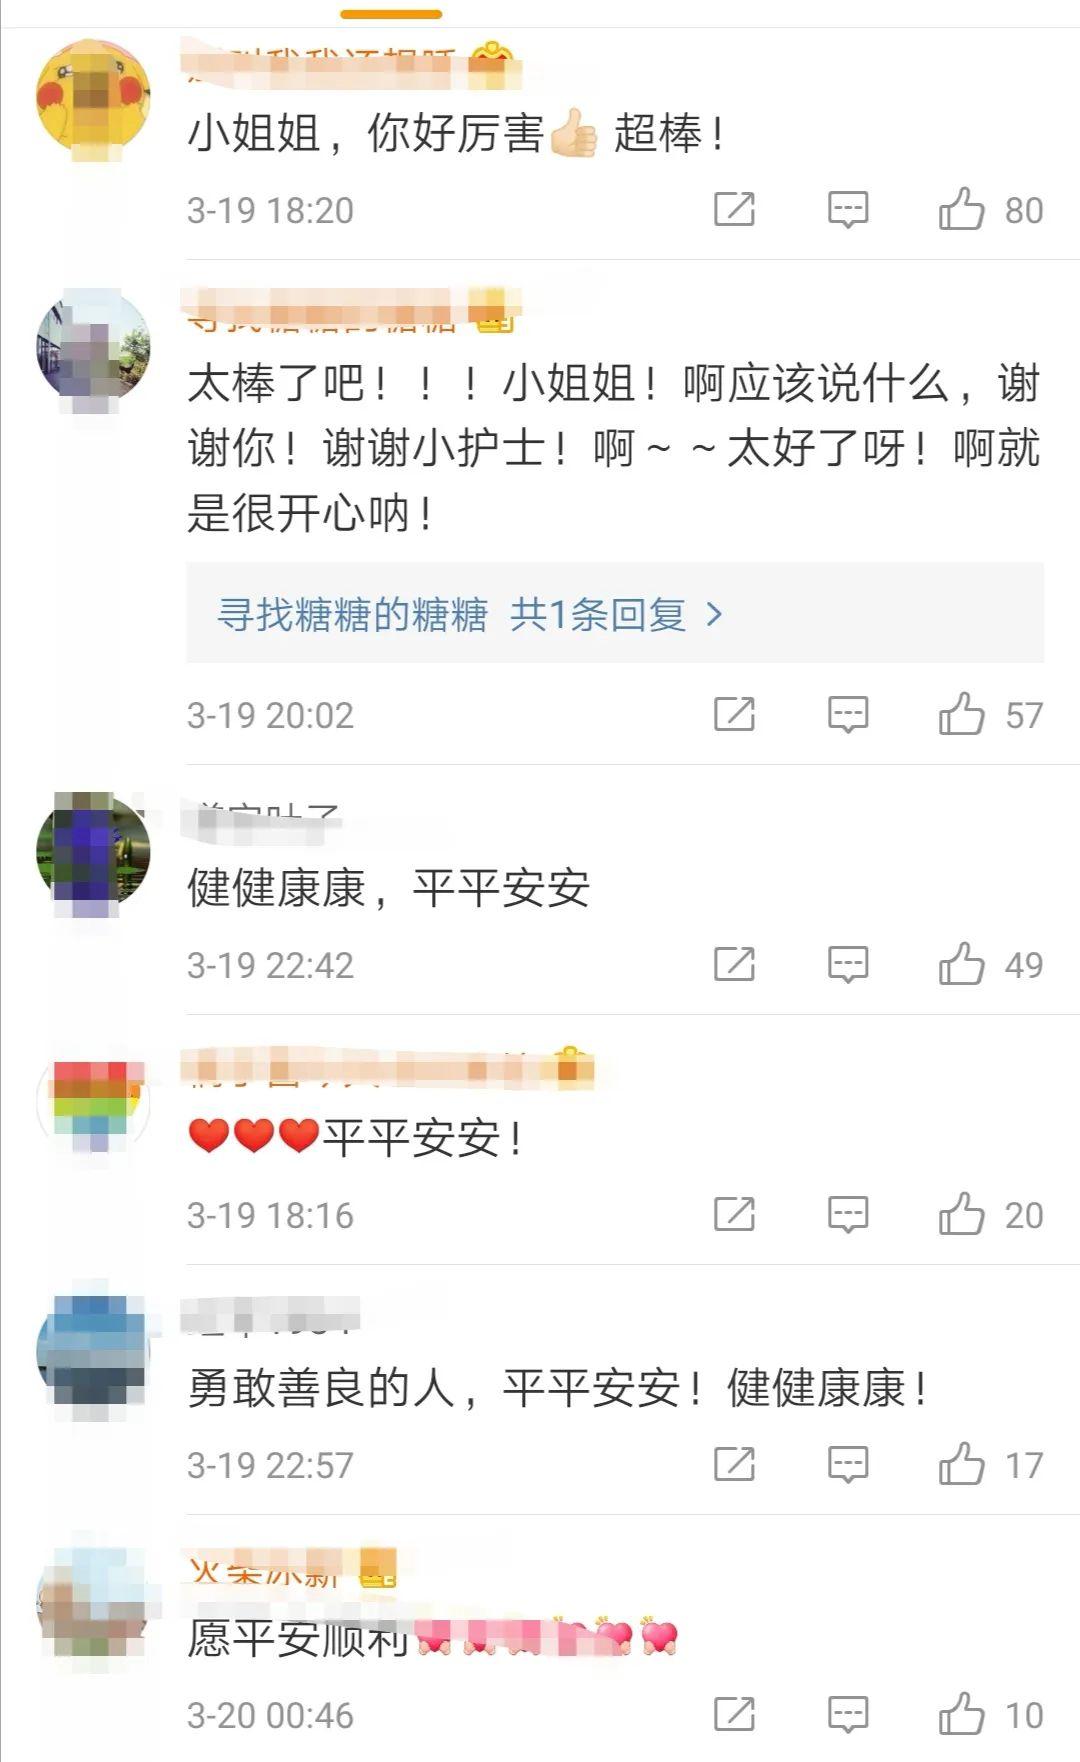 中国新冠疫苗已经注射进人体